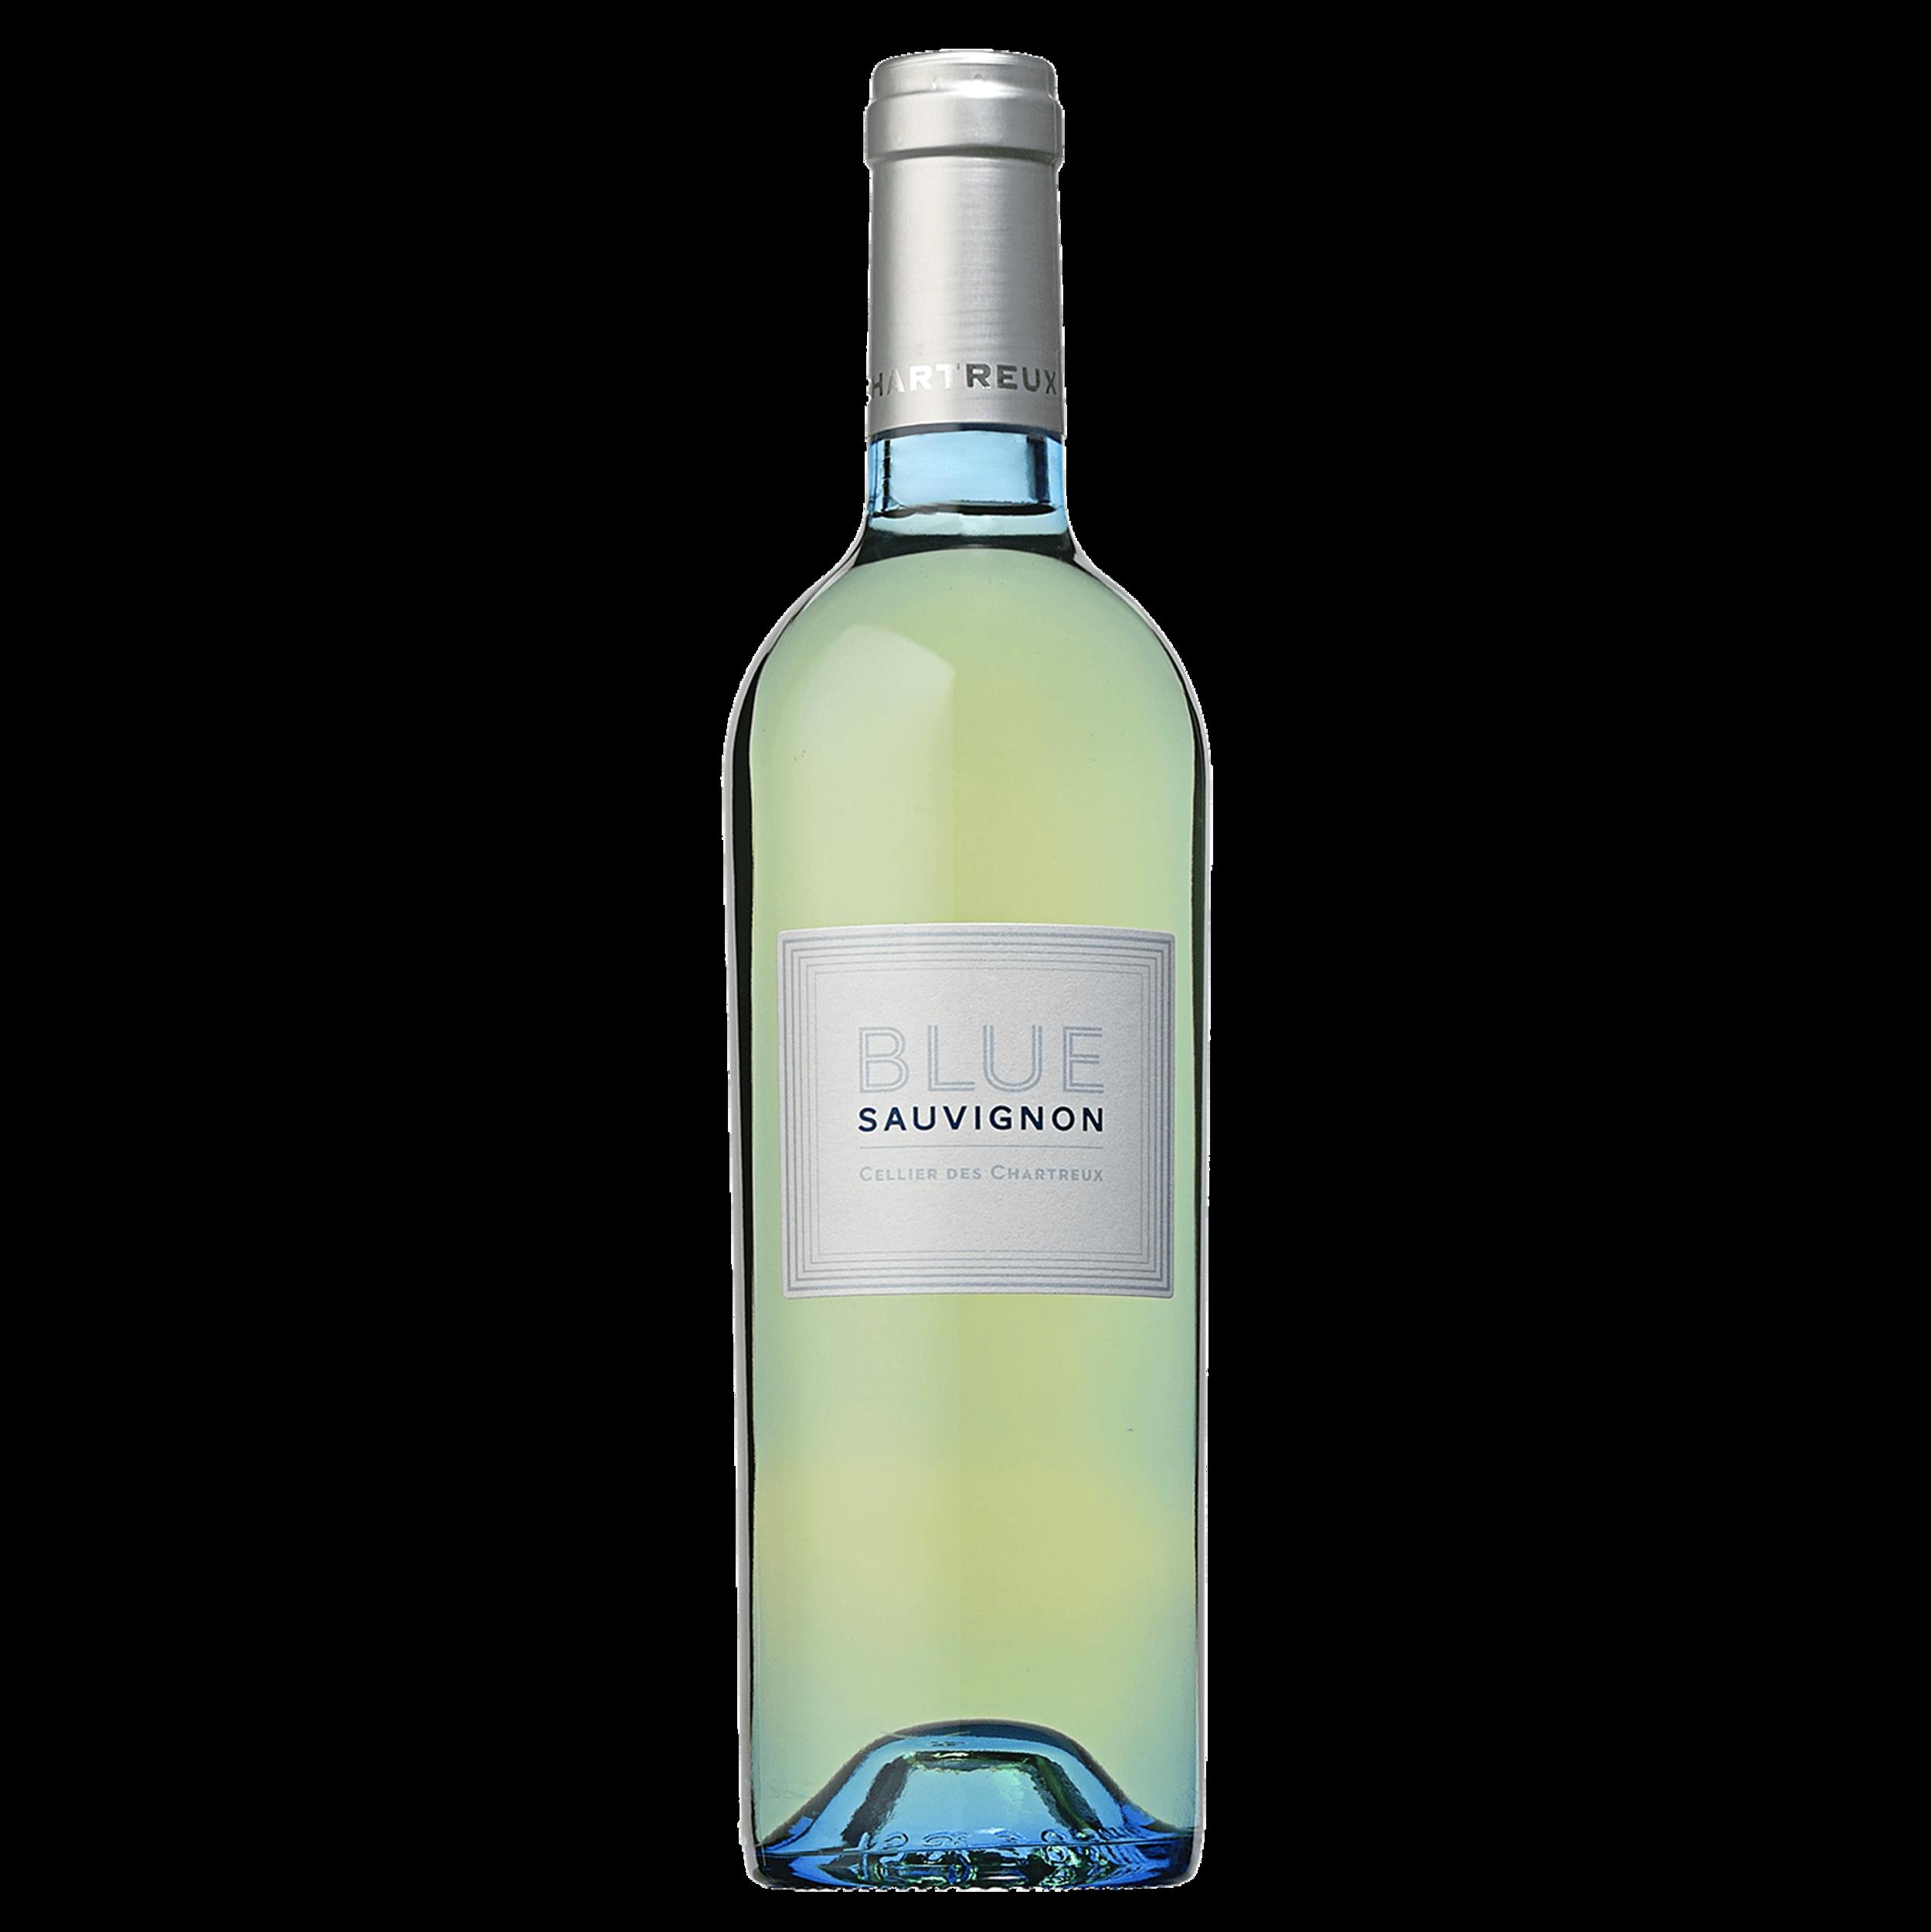 Vin de Pays - Sauvignon Blue - Domaine Du Cellier des Chartreux - 2019